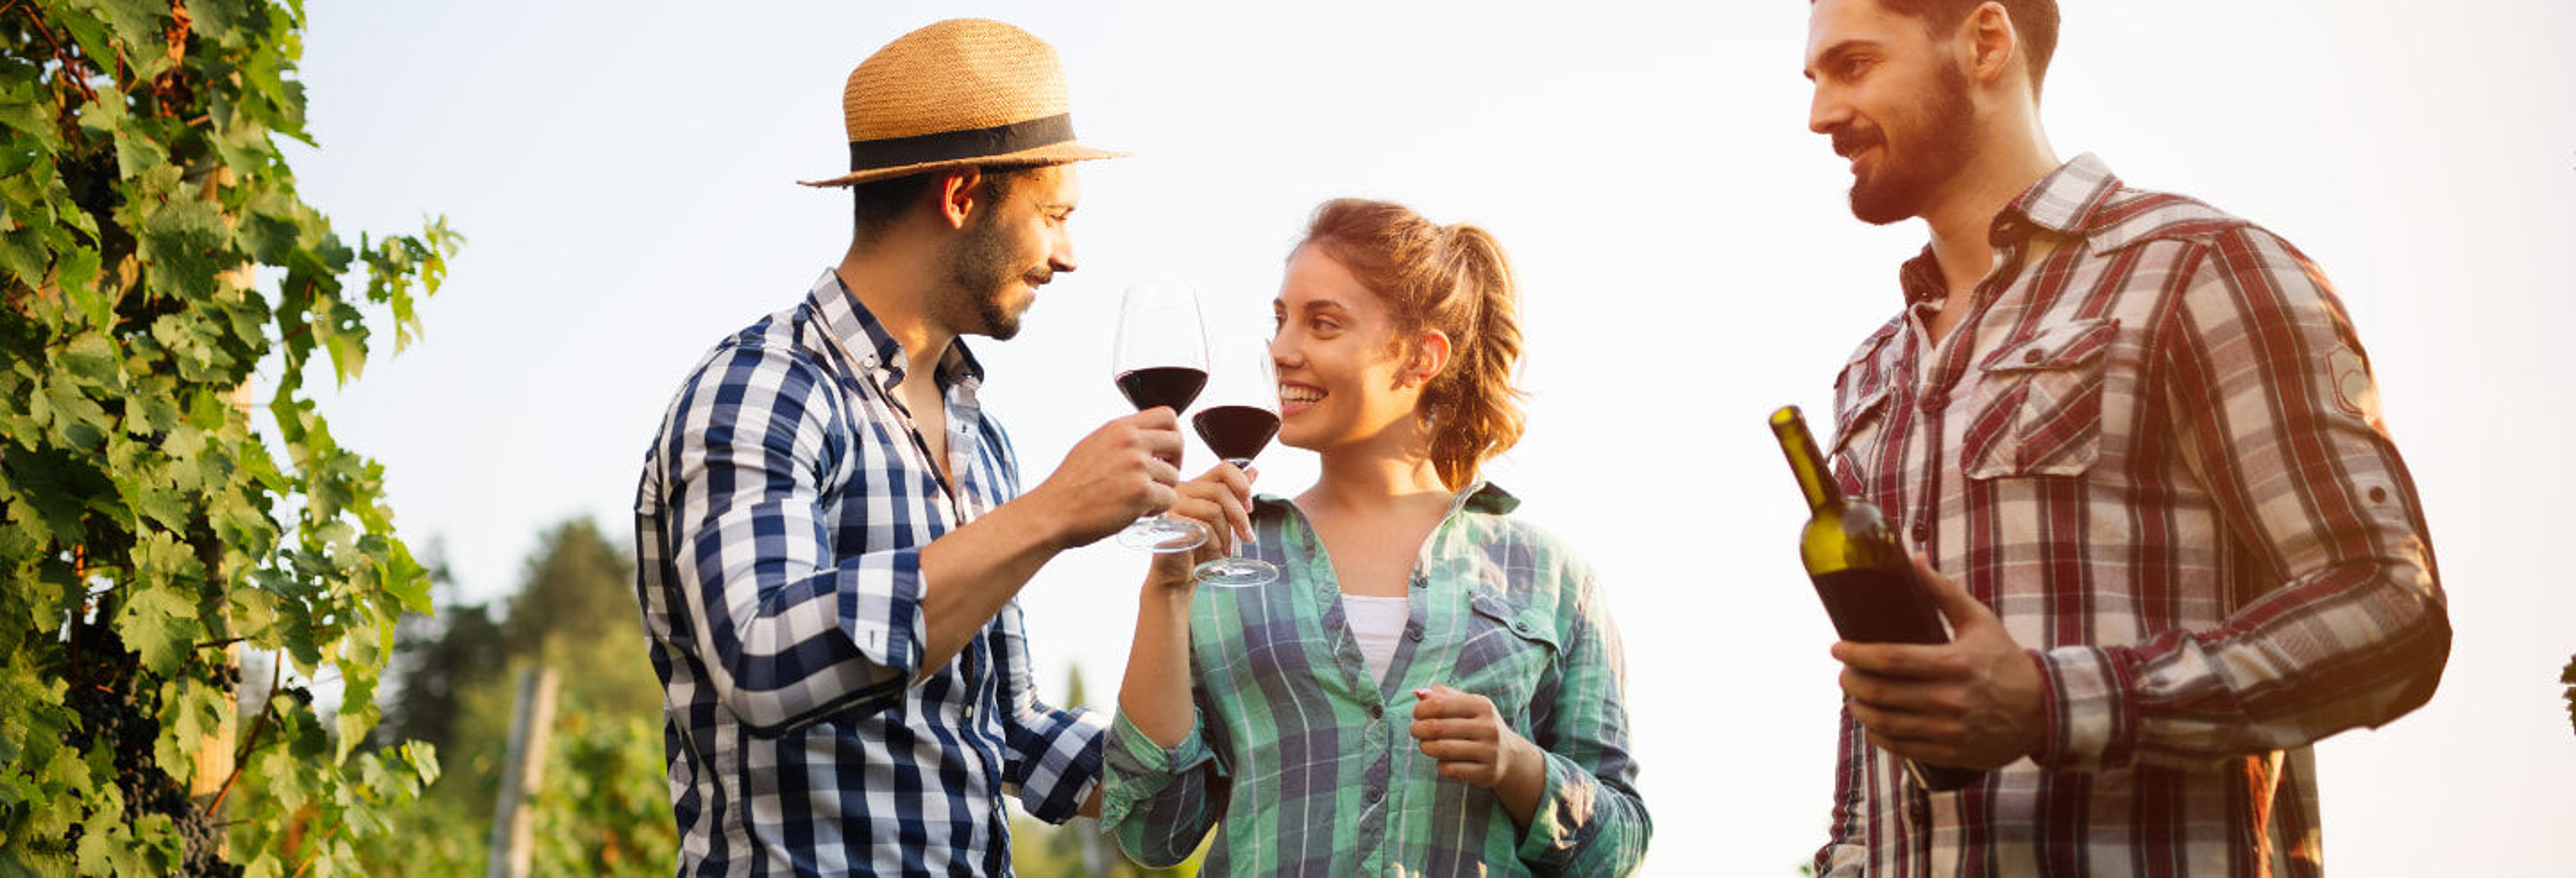 Tour de adegas e degustação de vinho